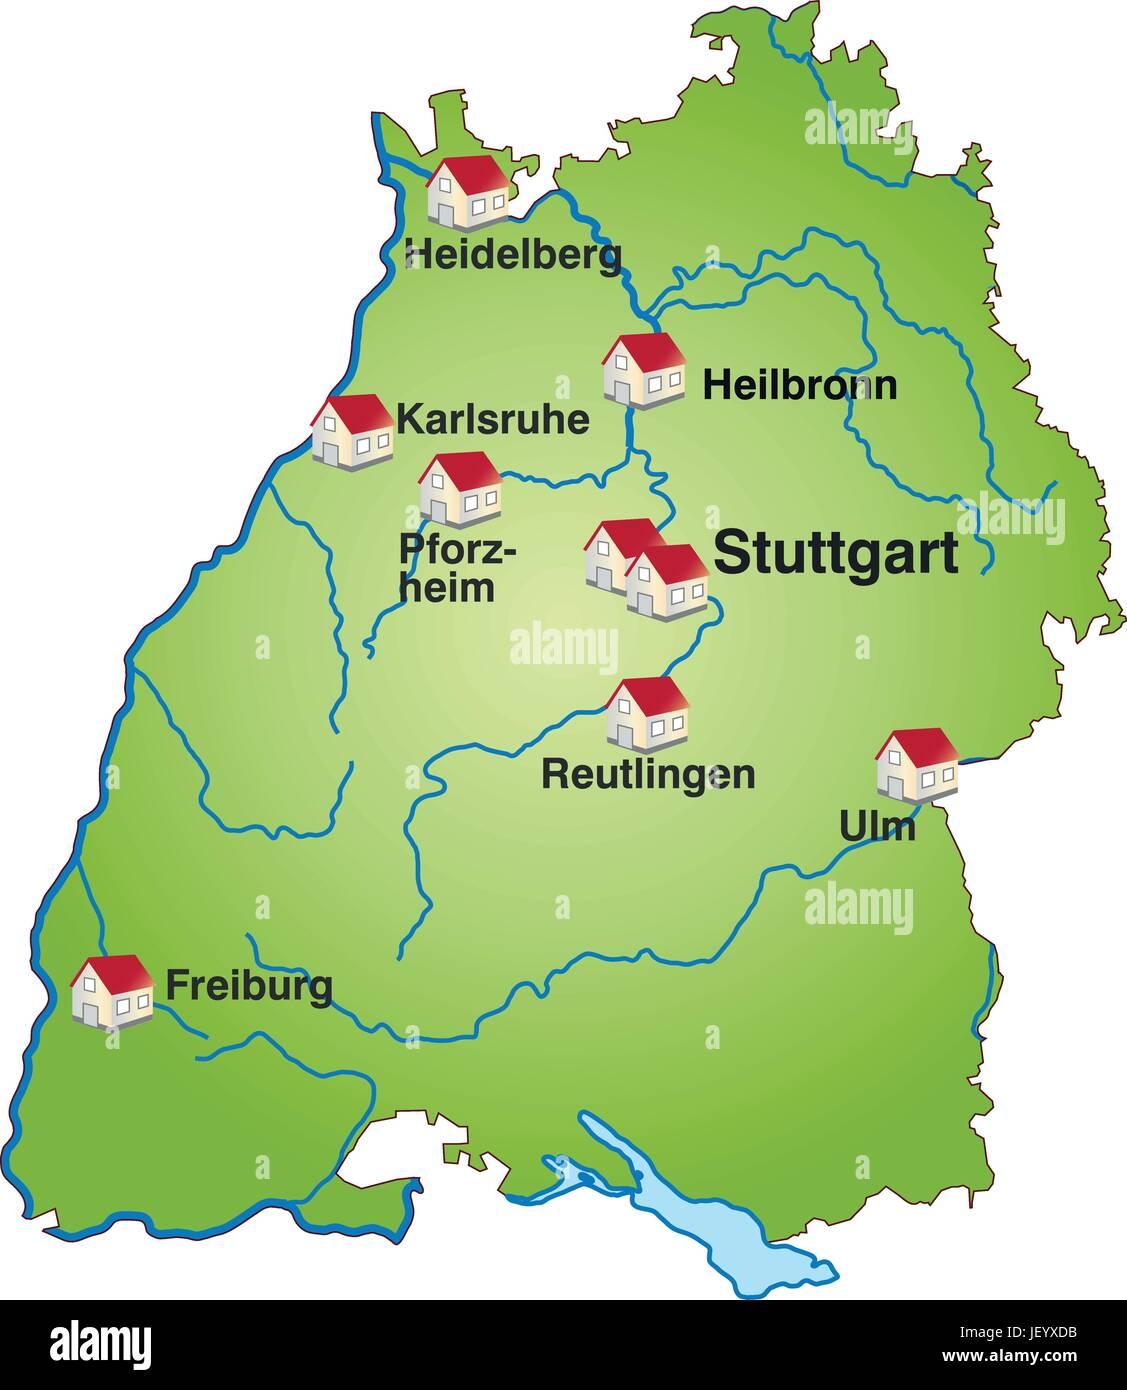 Baden Wurttemberg Karte Db.Karte Von Baden Wurttemberg Als Infografik In Grun Vektor